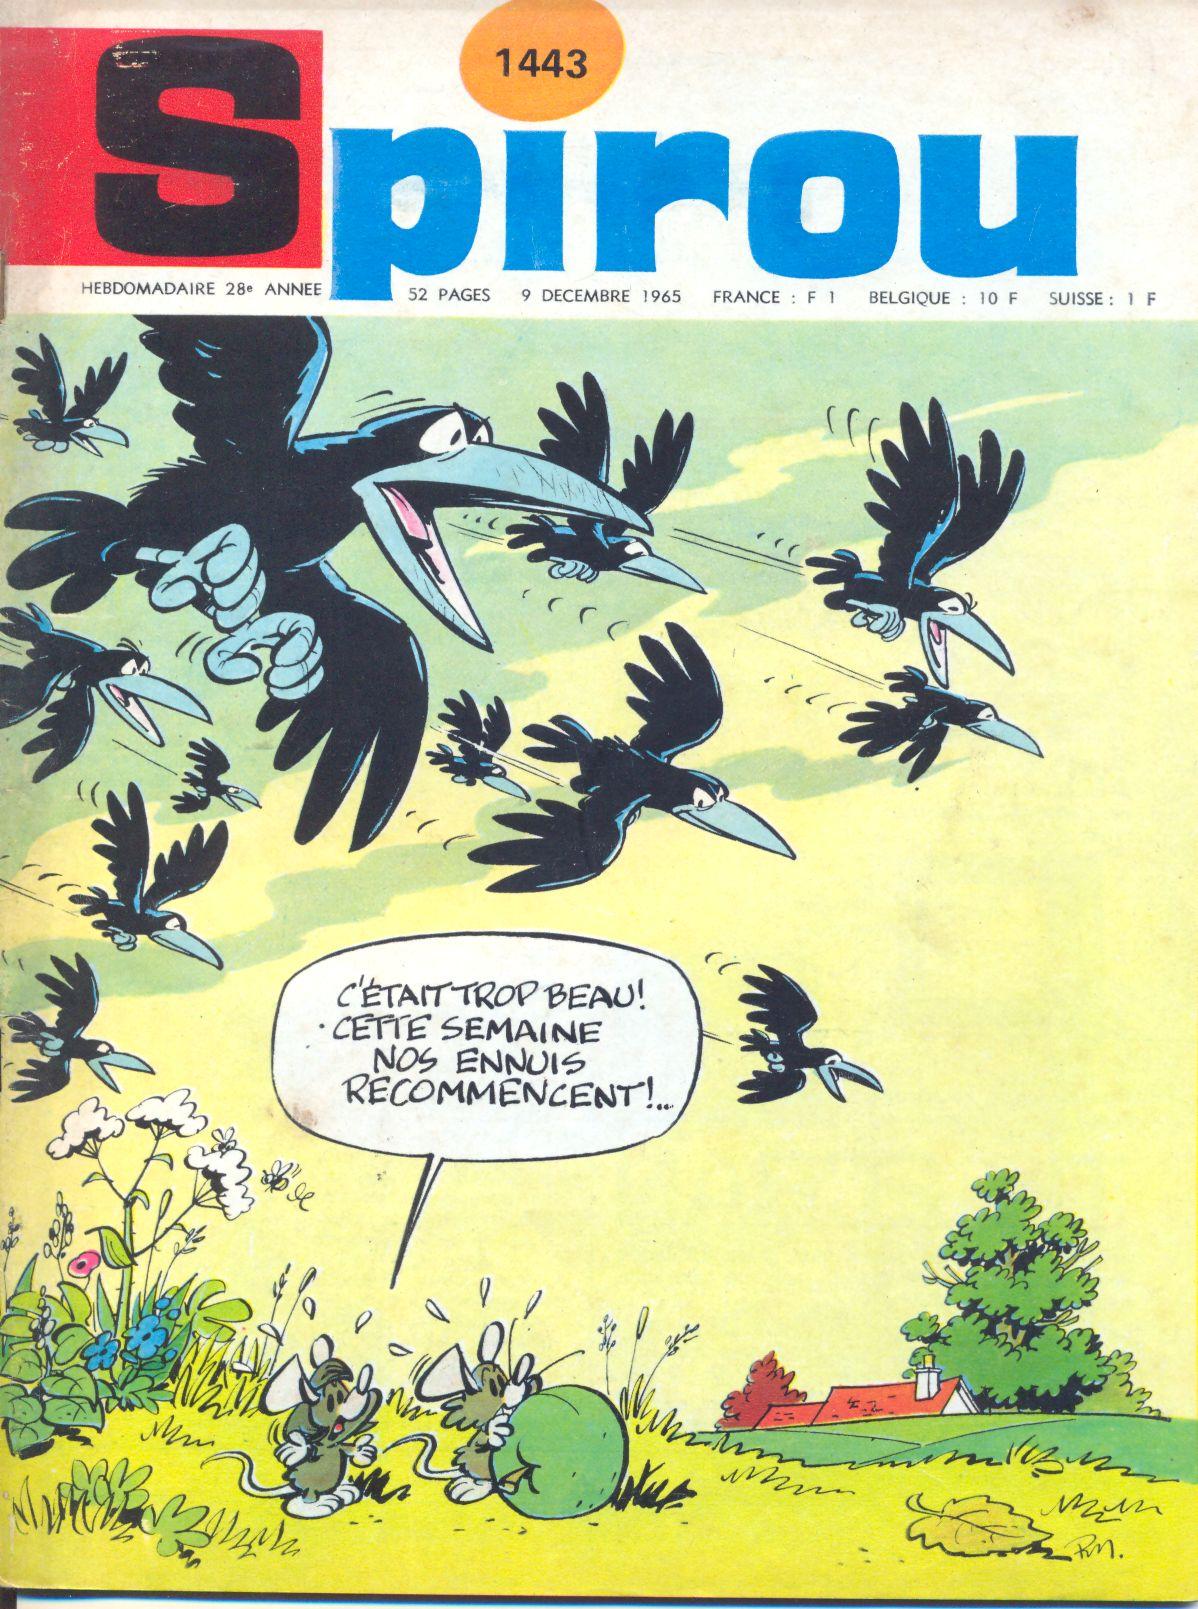 Le journal de Spirou 1443